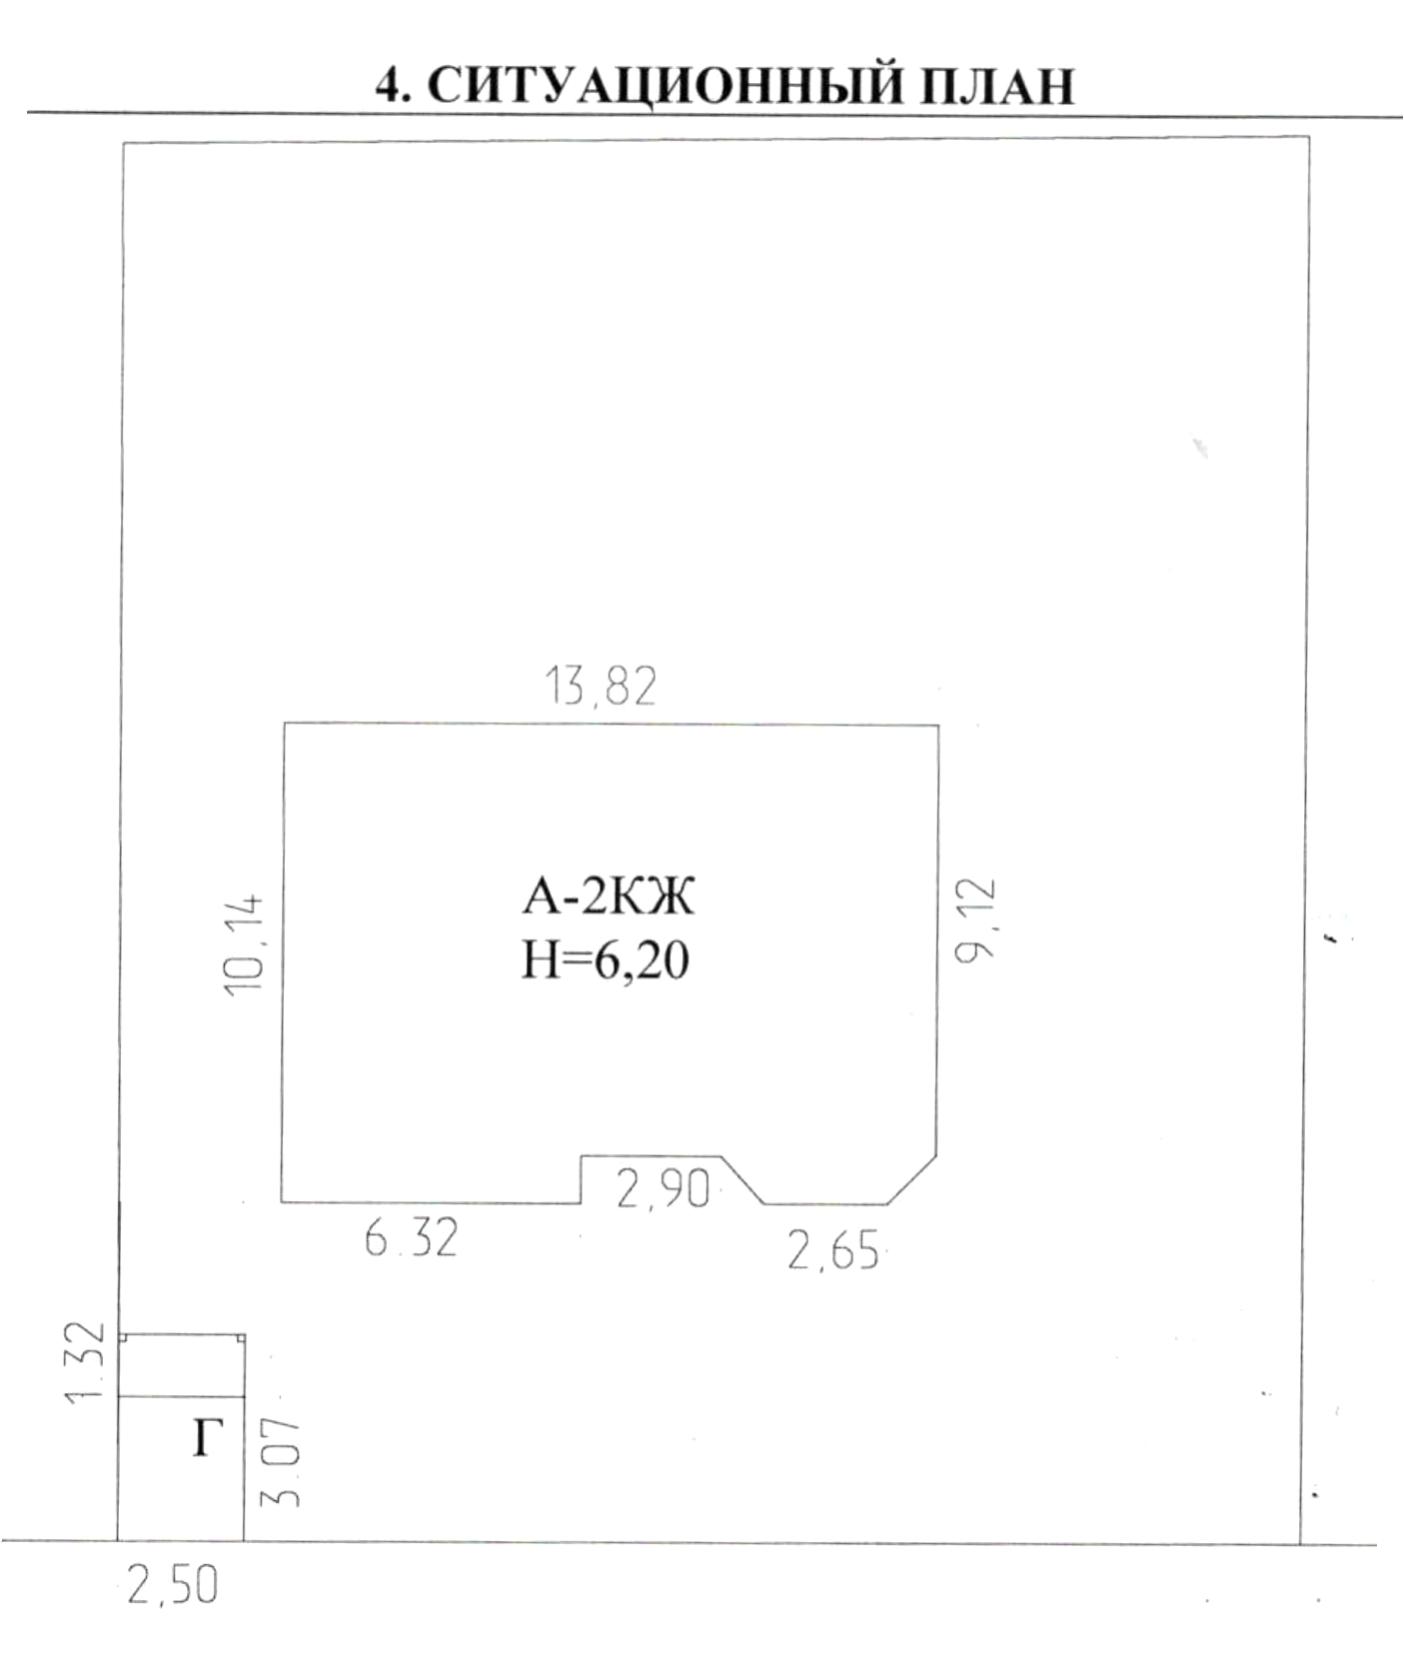 план участка 10 родное лесная поляна кемерово